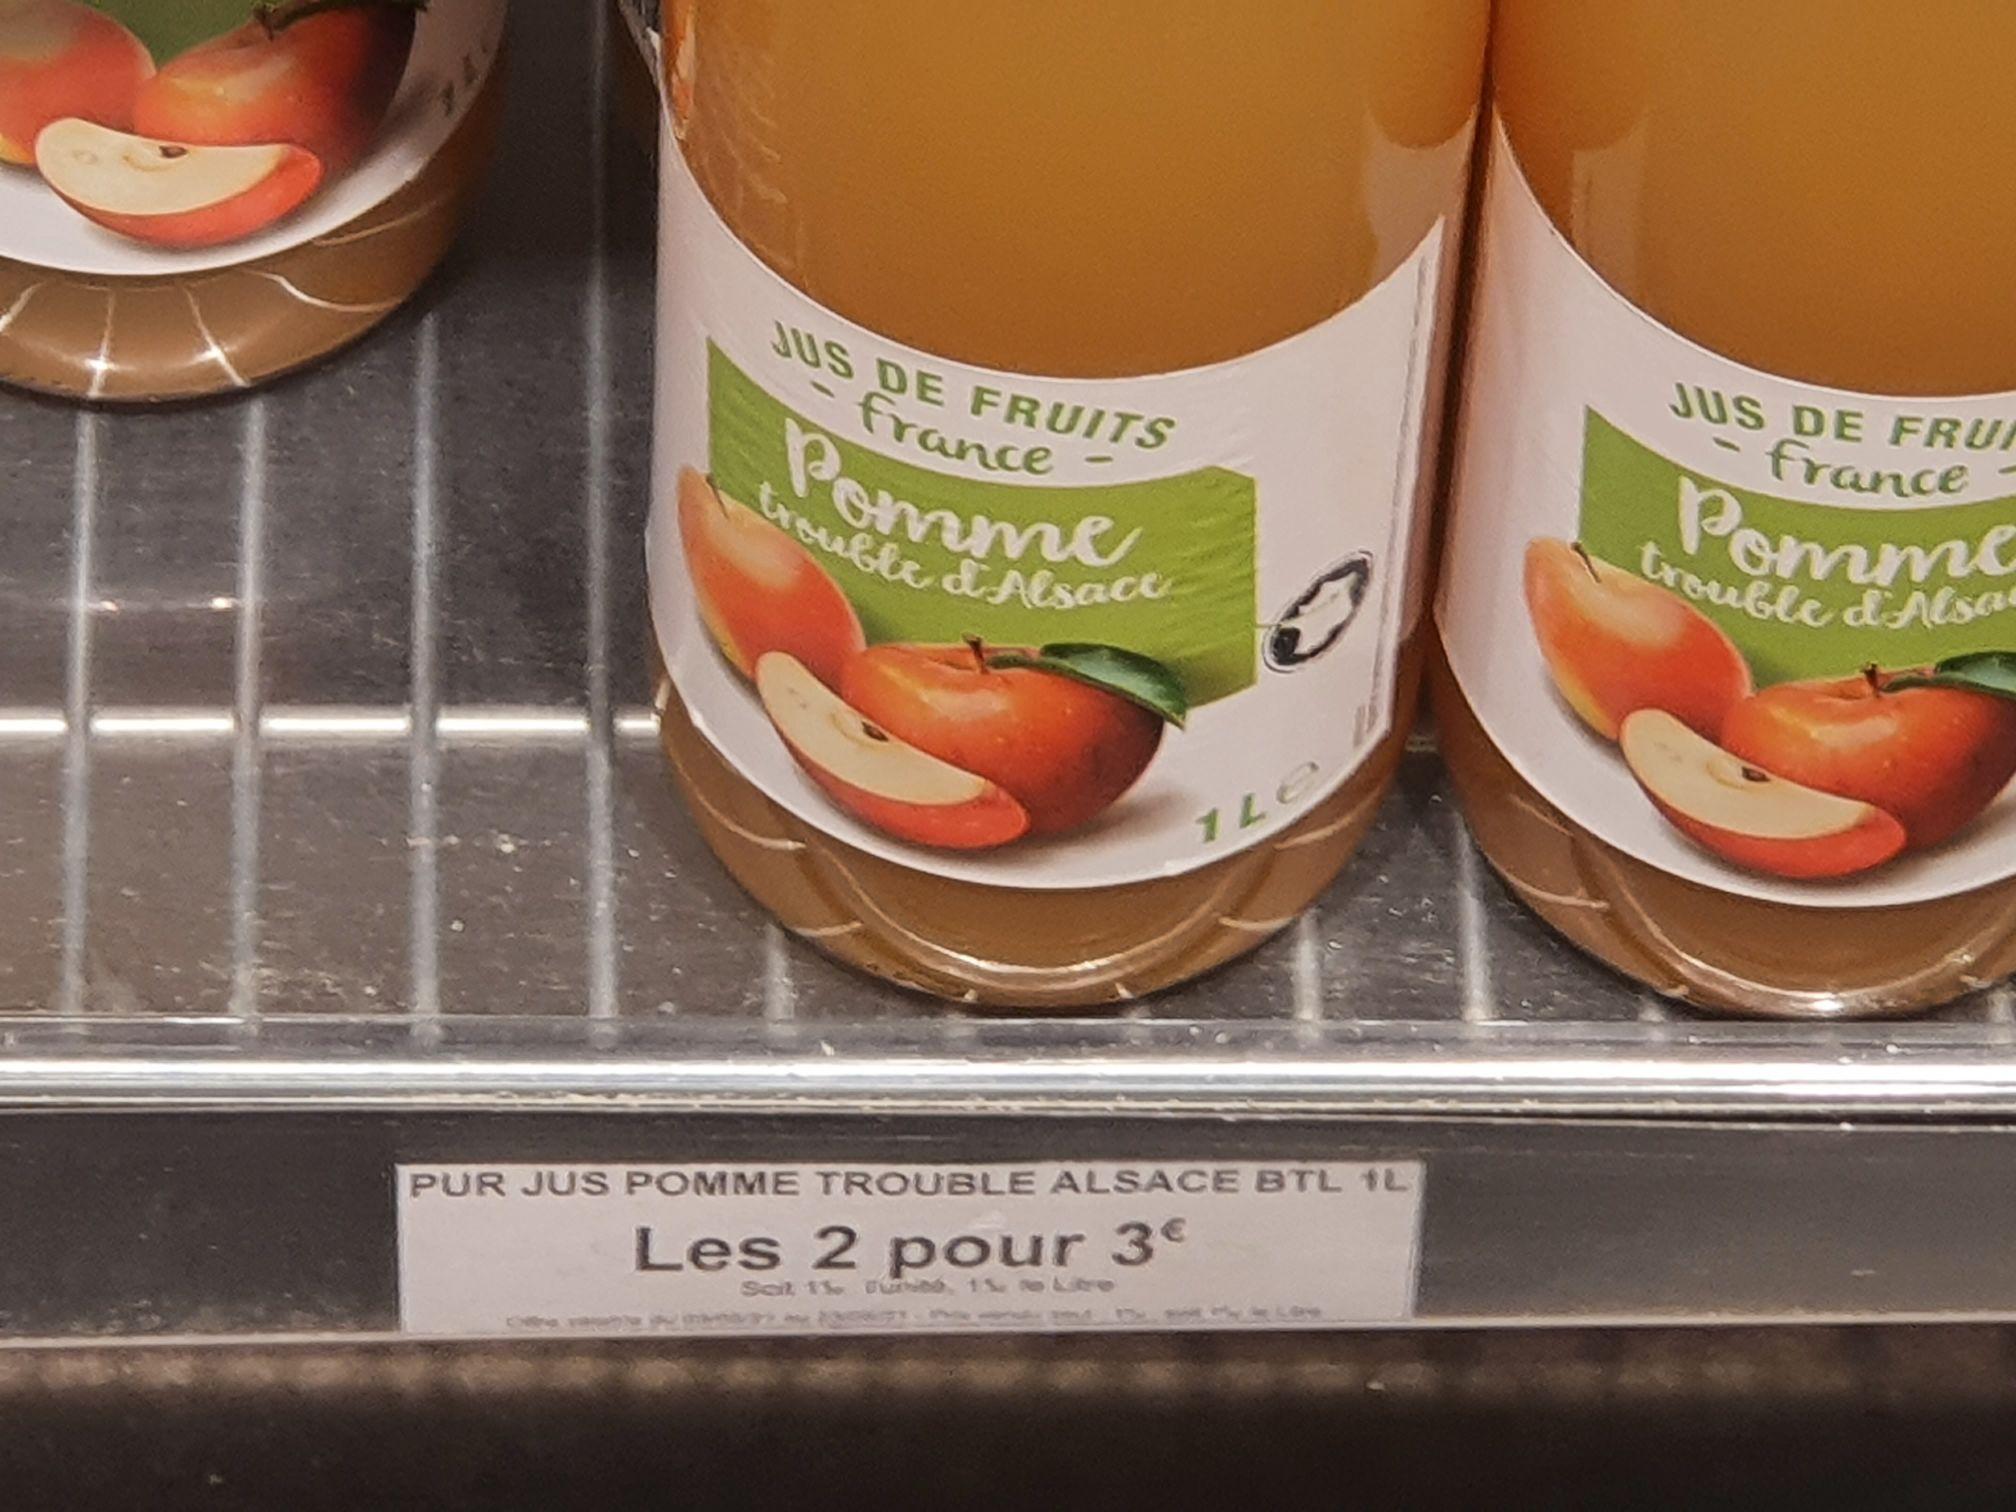 2 Bouteilles de Jus de pomme - grand frais chambray les tours (37)